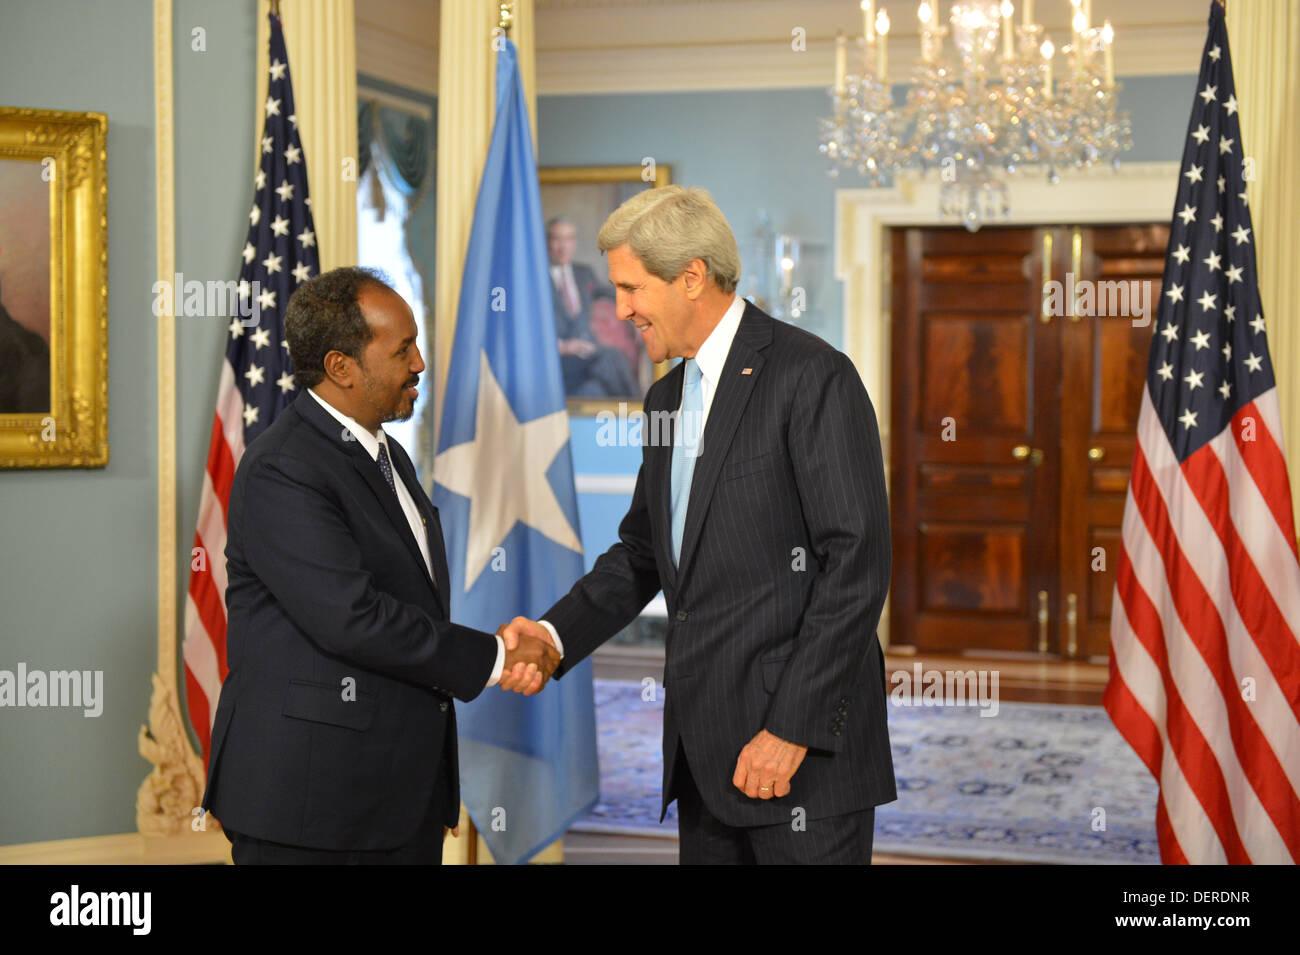 President Somalia Stock Photos & President Somalia Stock Images - Alamy